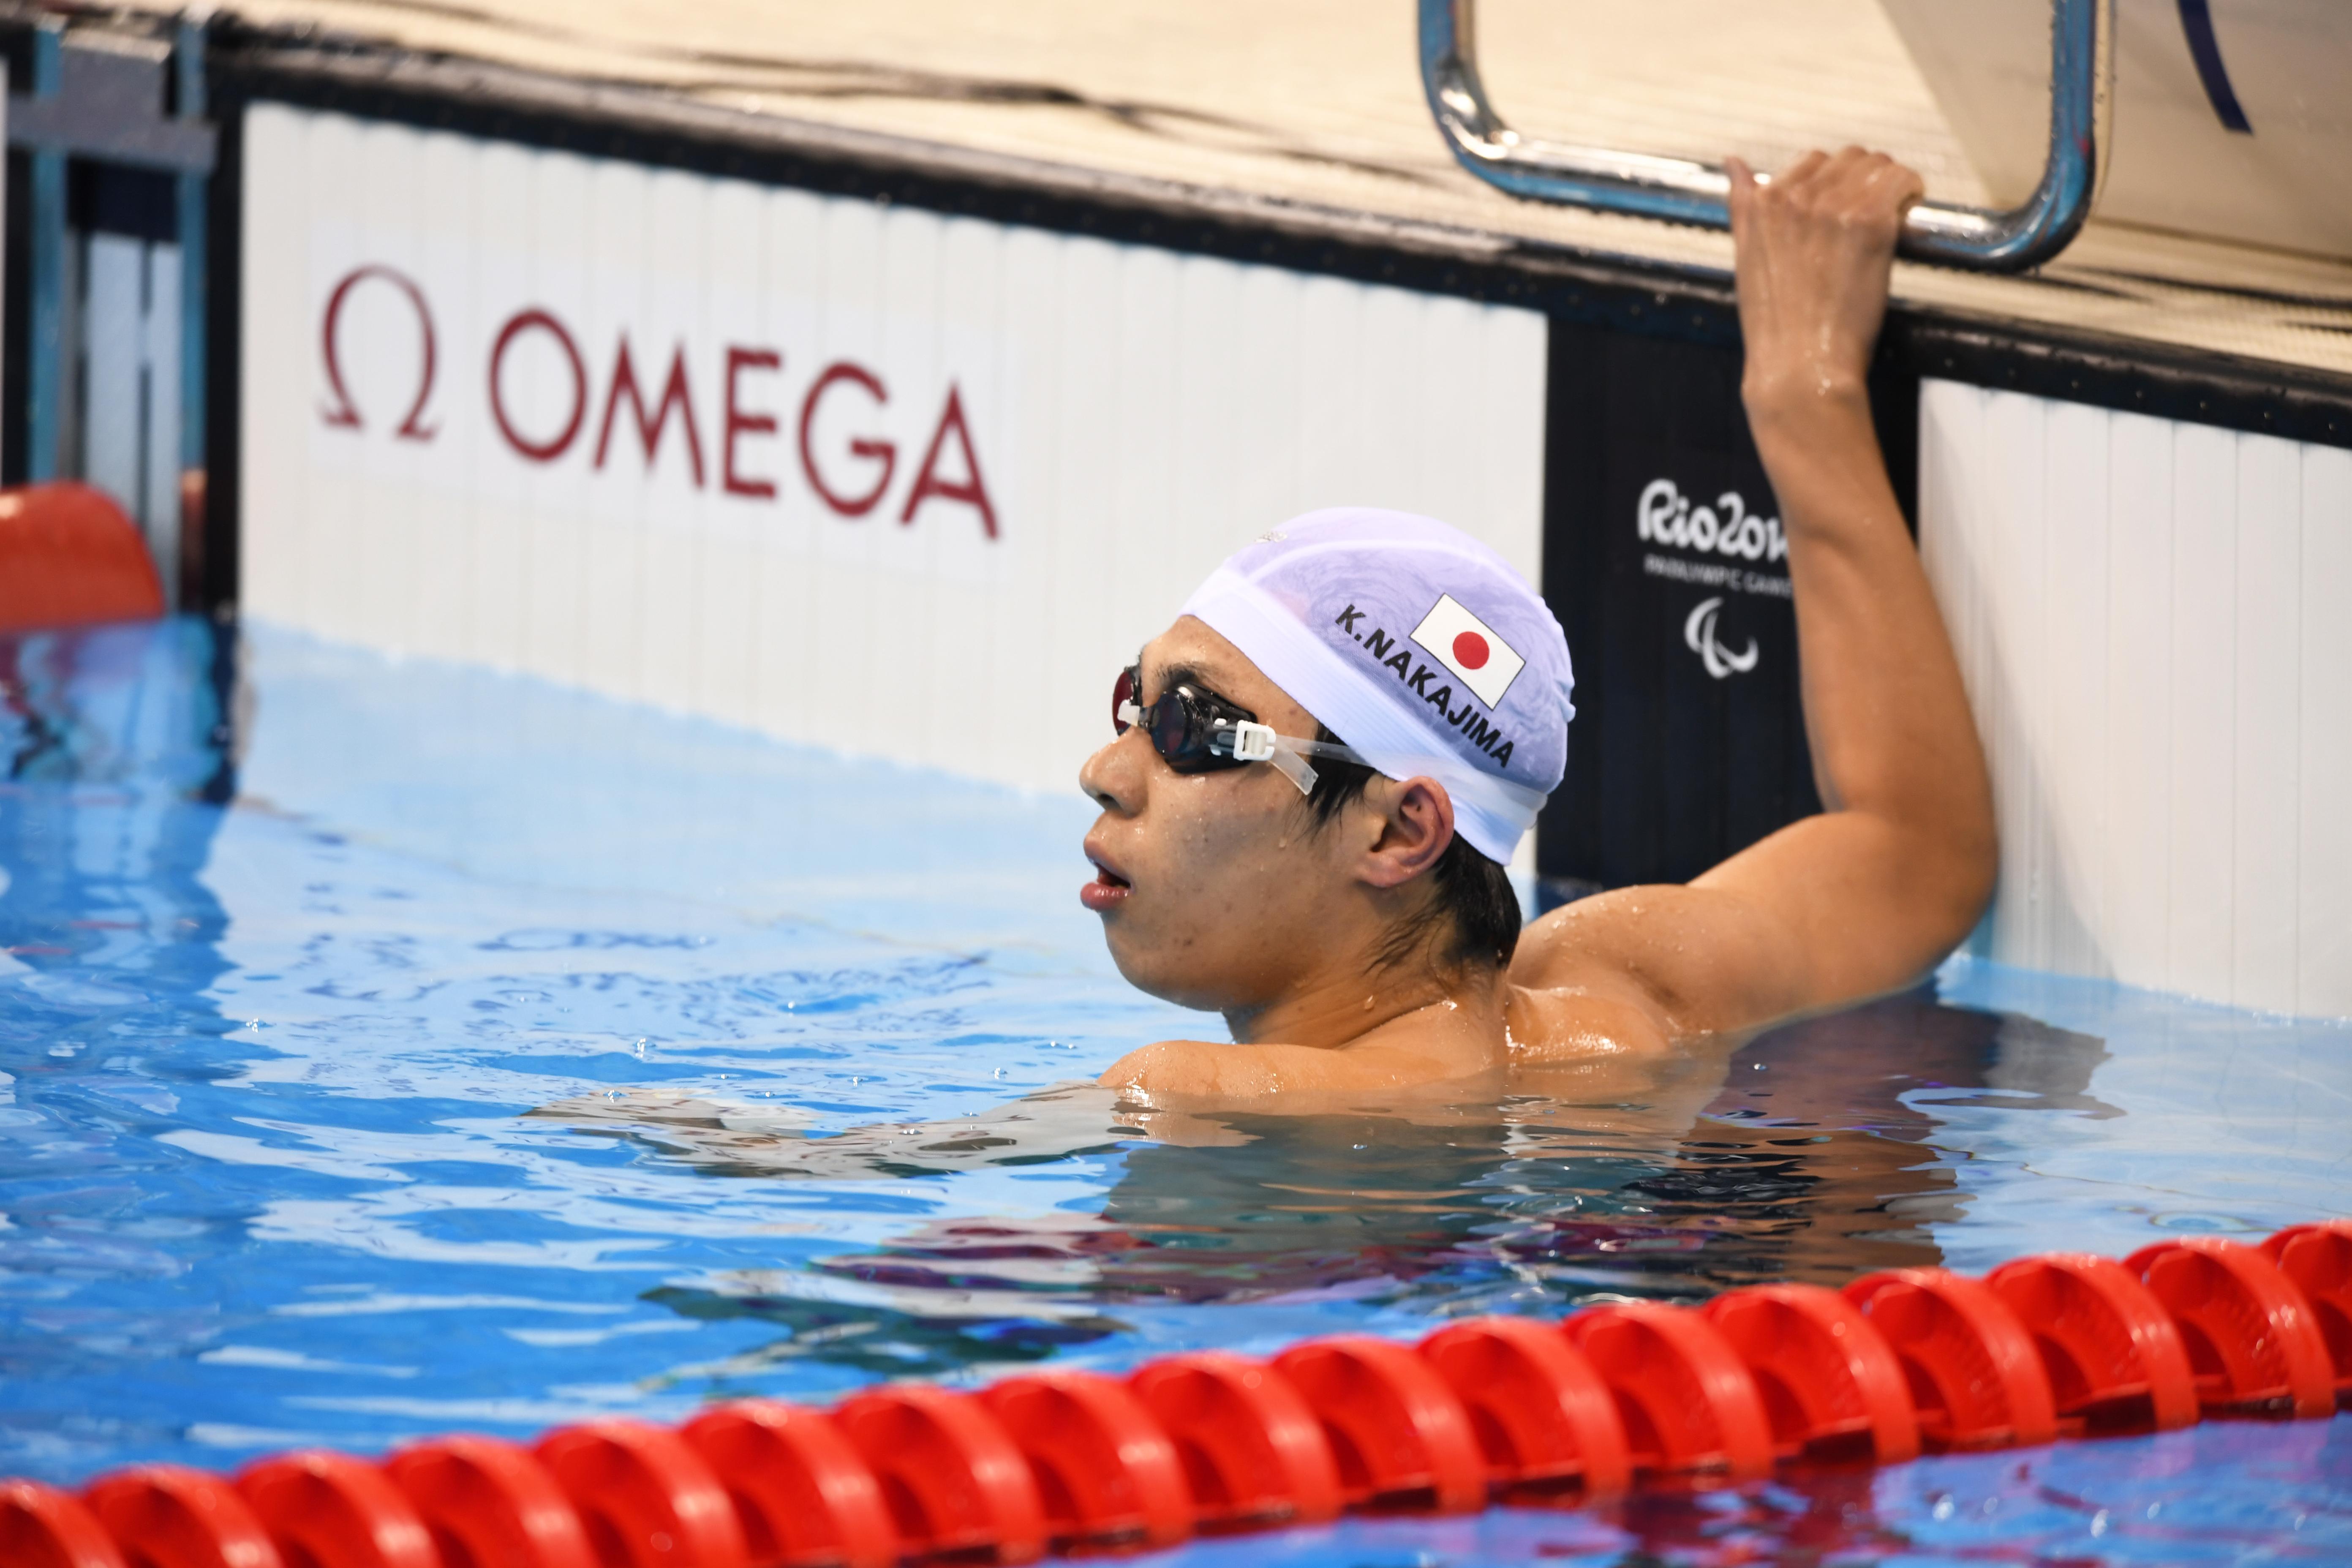 競泳男子200メートル自由形(S14)決勝の中島啓智選手